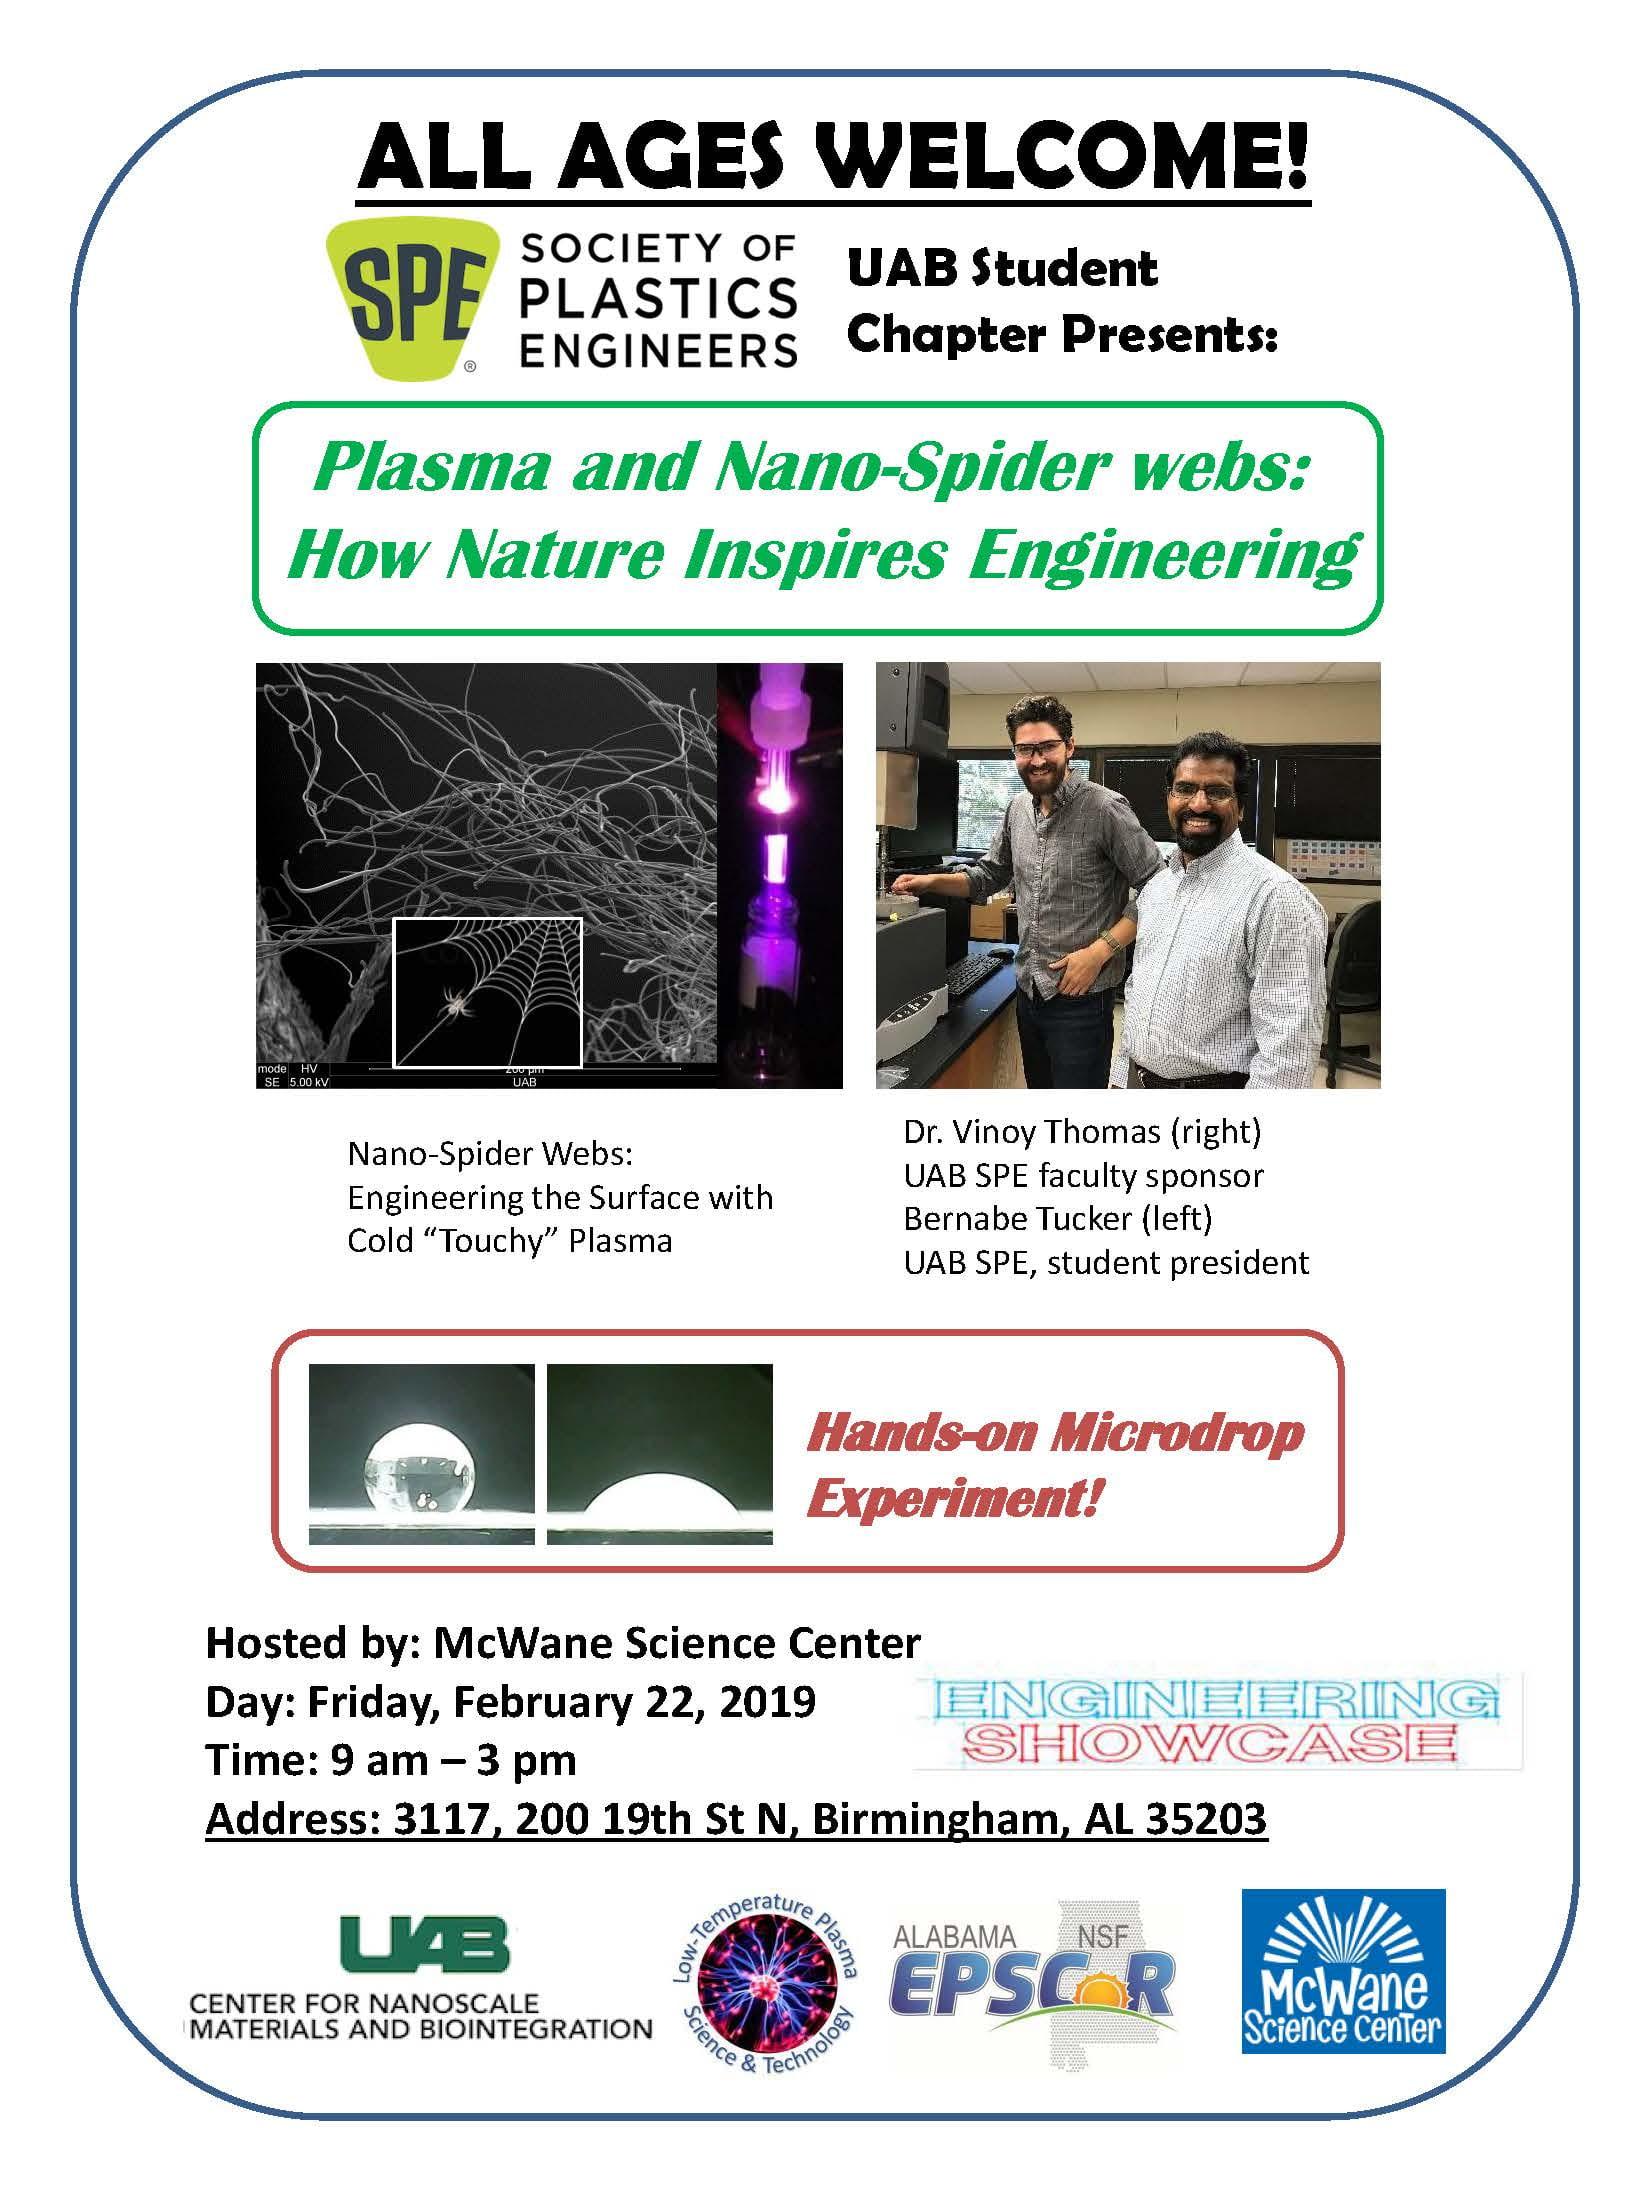 McWane Center Engineering Showcase